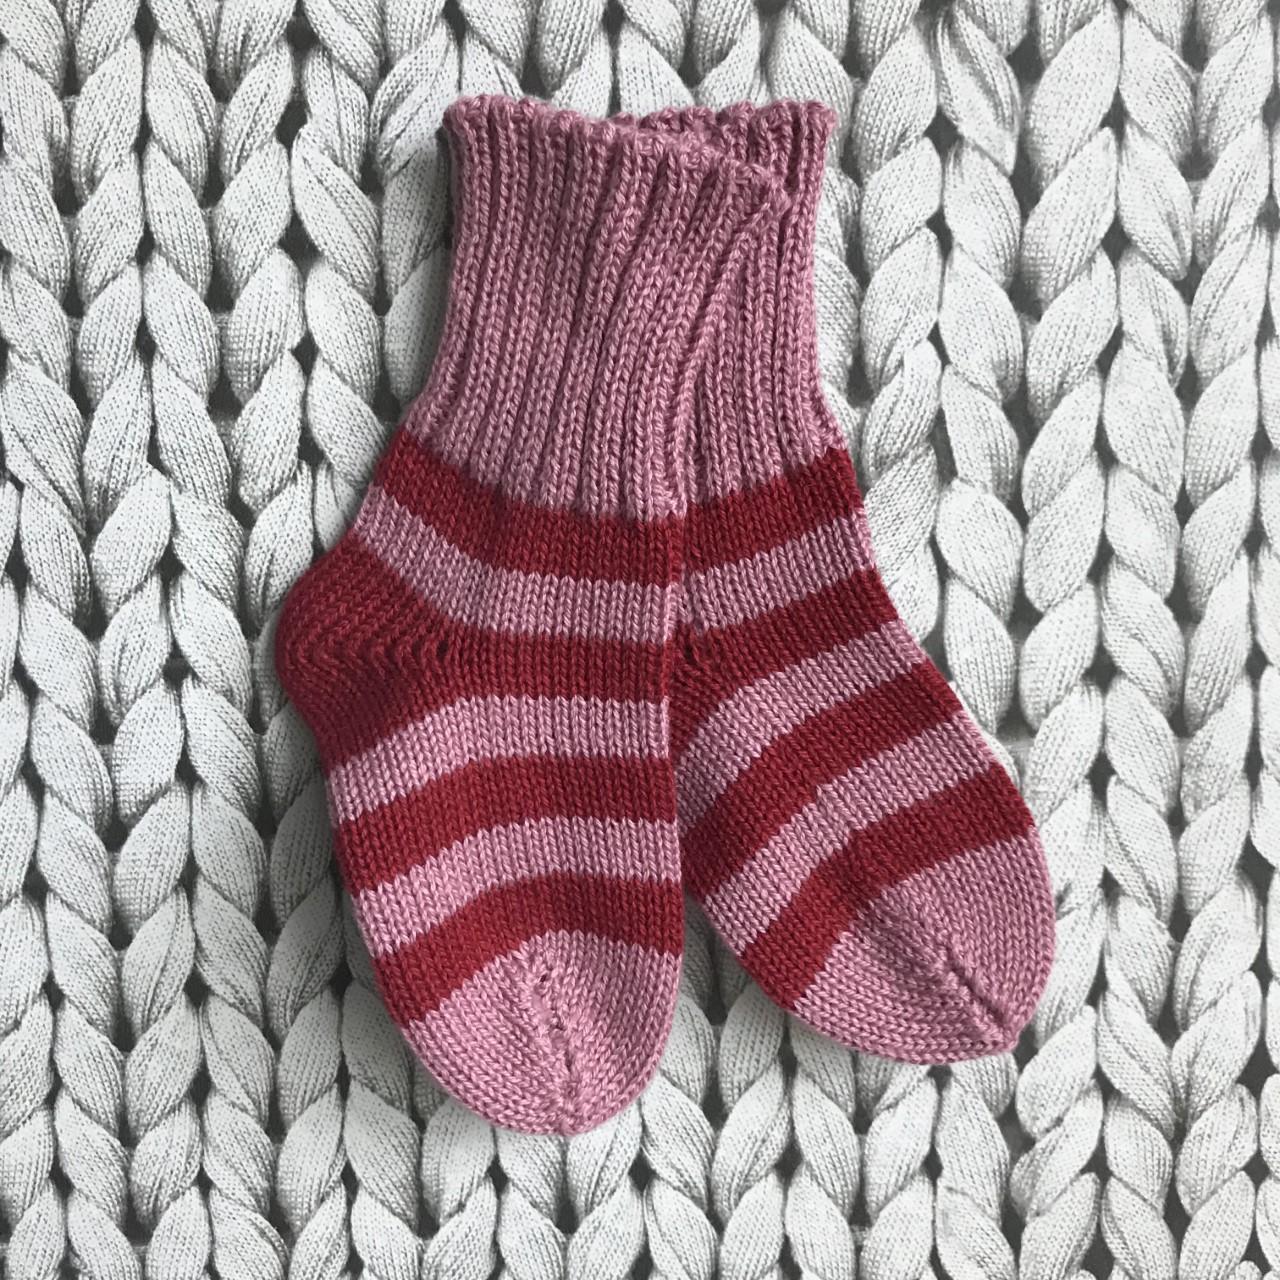 rosa/röd barnsocka